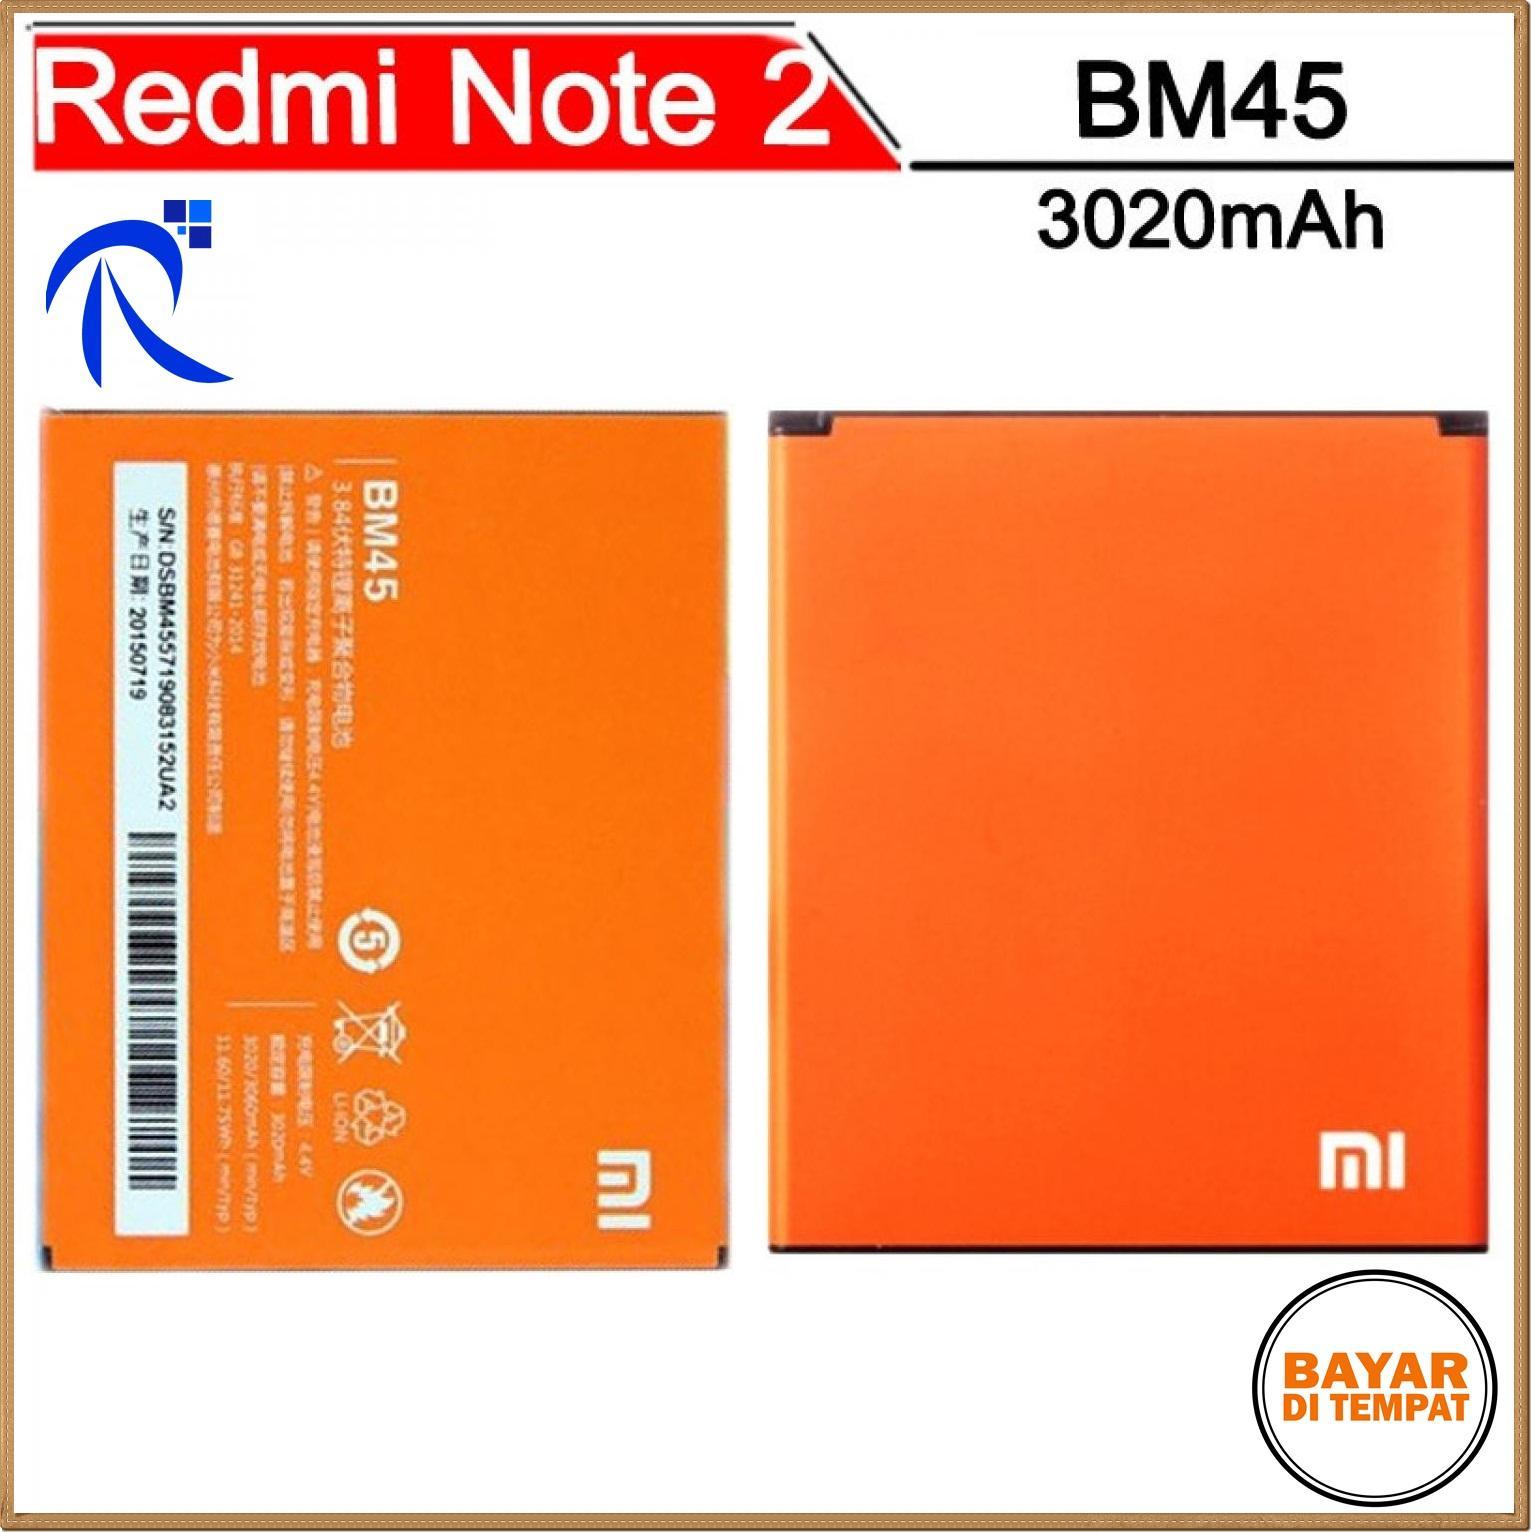 Baterai Xiaomi Redmi Note 2 3020mAh - BM45 (OEM) - Oranye / Orange - Anda dapat menggunakan batre ini sebagai cadangan atau mengganti yang rusak BISA COD !!